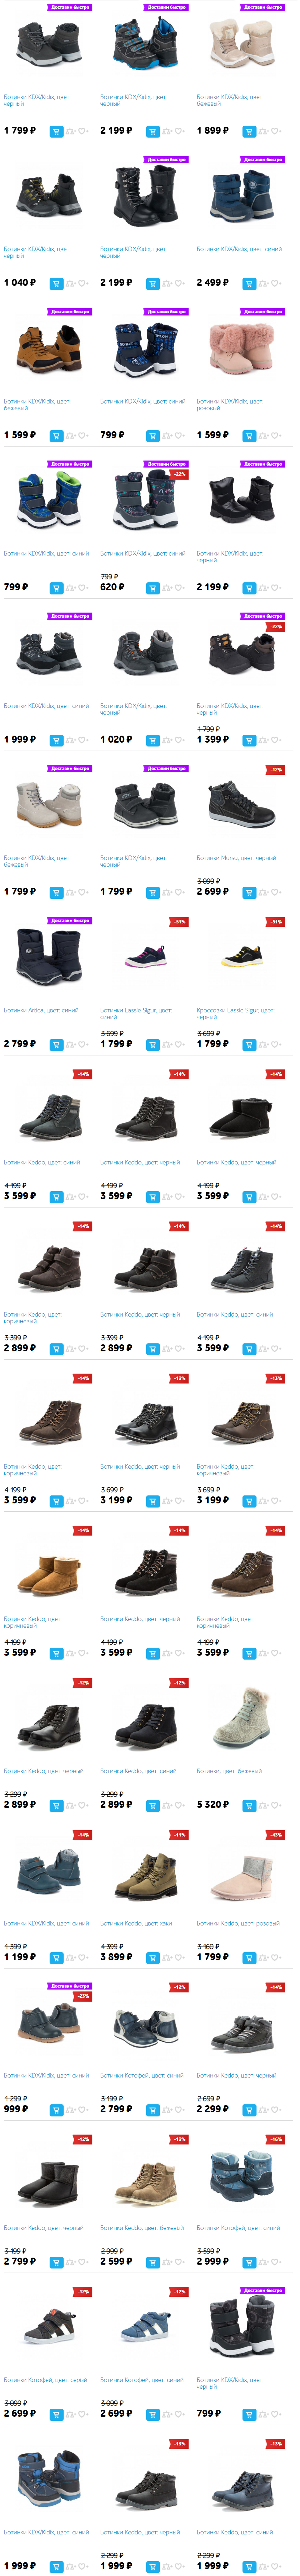 Детские ботинки в каталоге Дочки-Сыночки Вольск